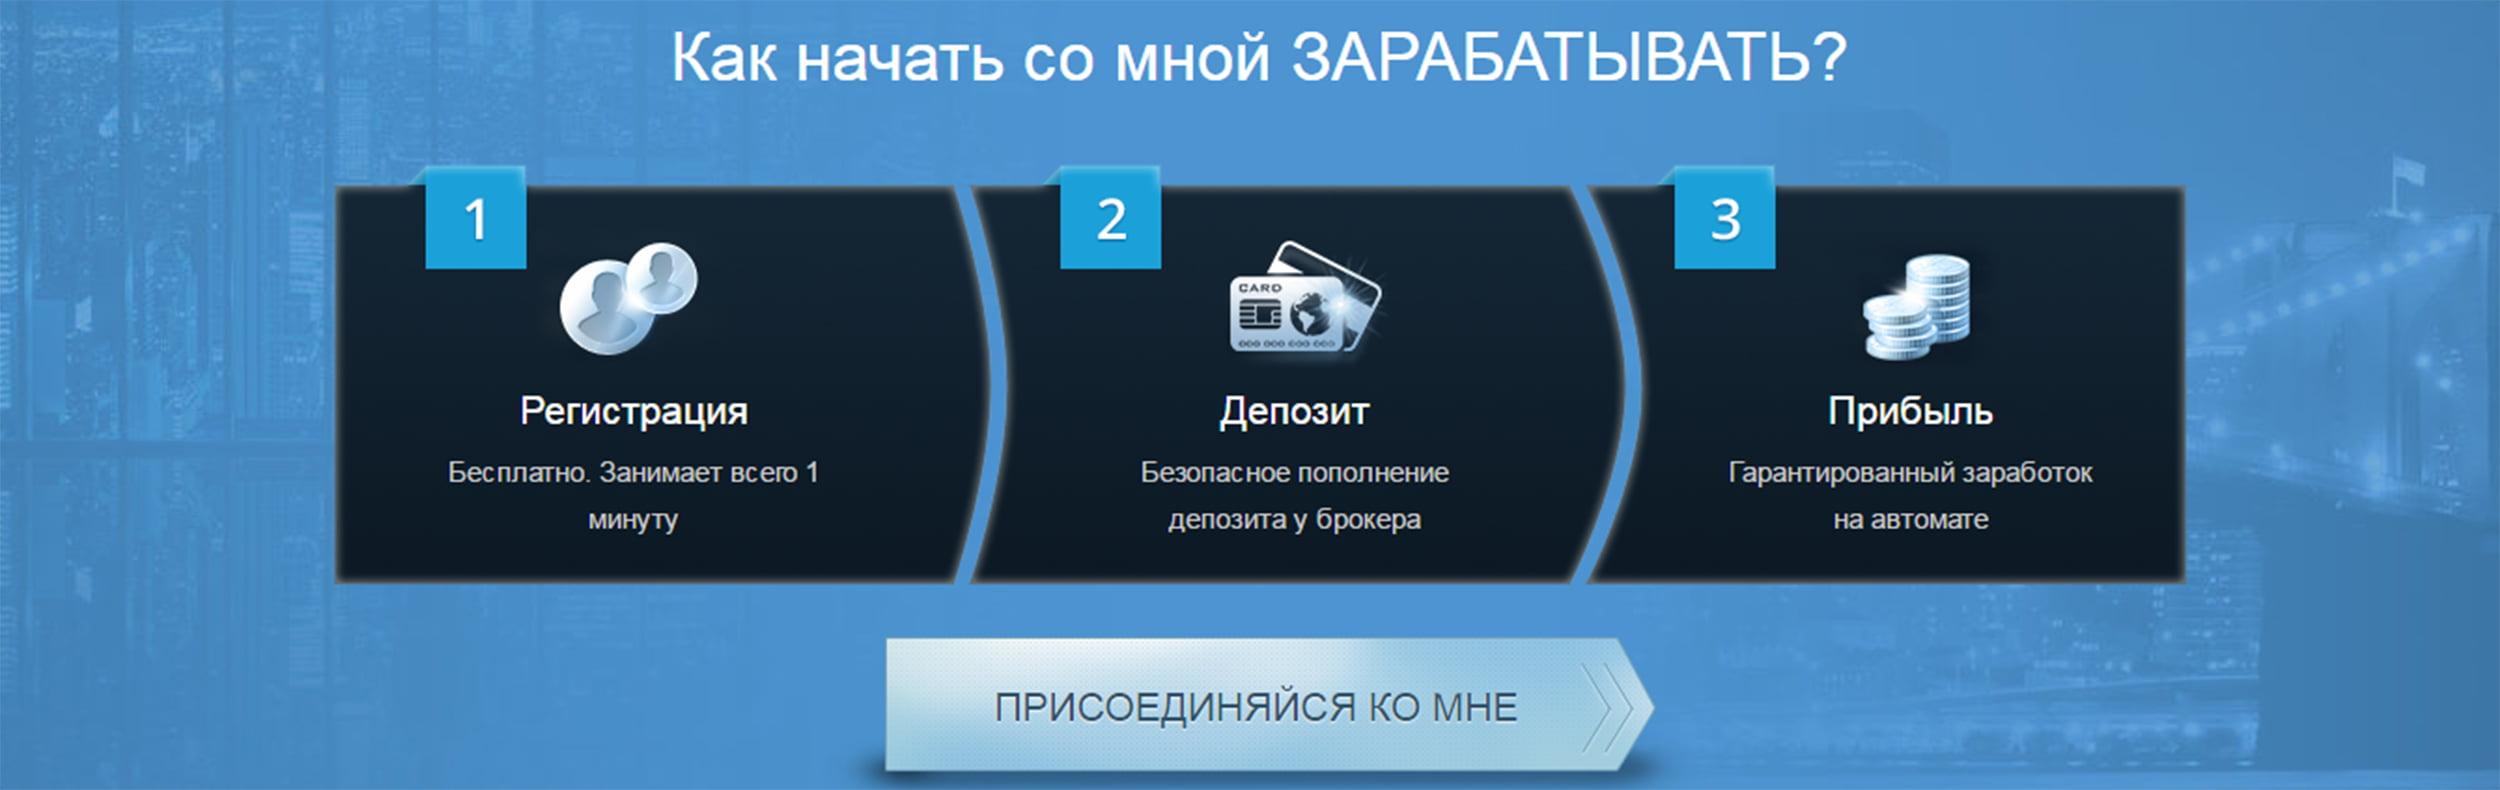 Бесплатный робот для бинарных опционов отзывы курсы торговли на московской бирже